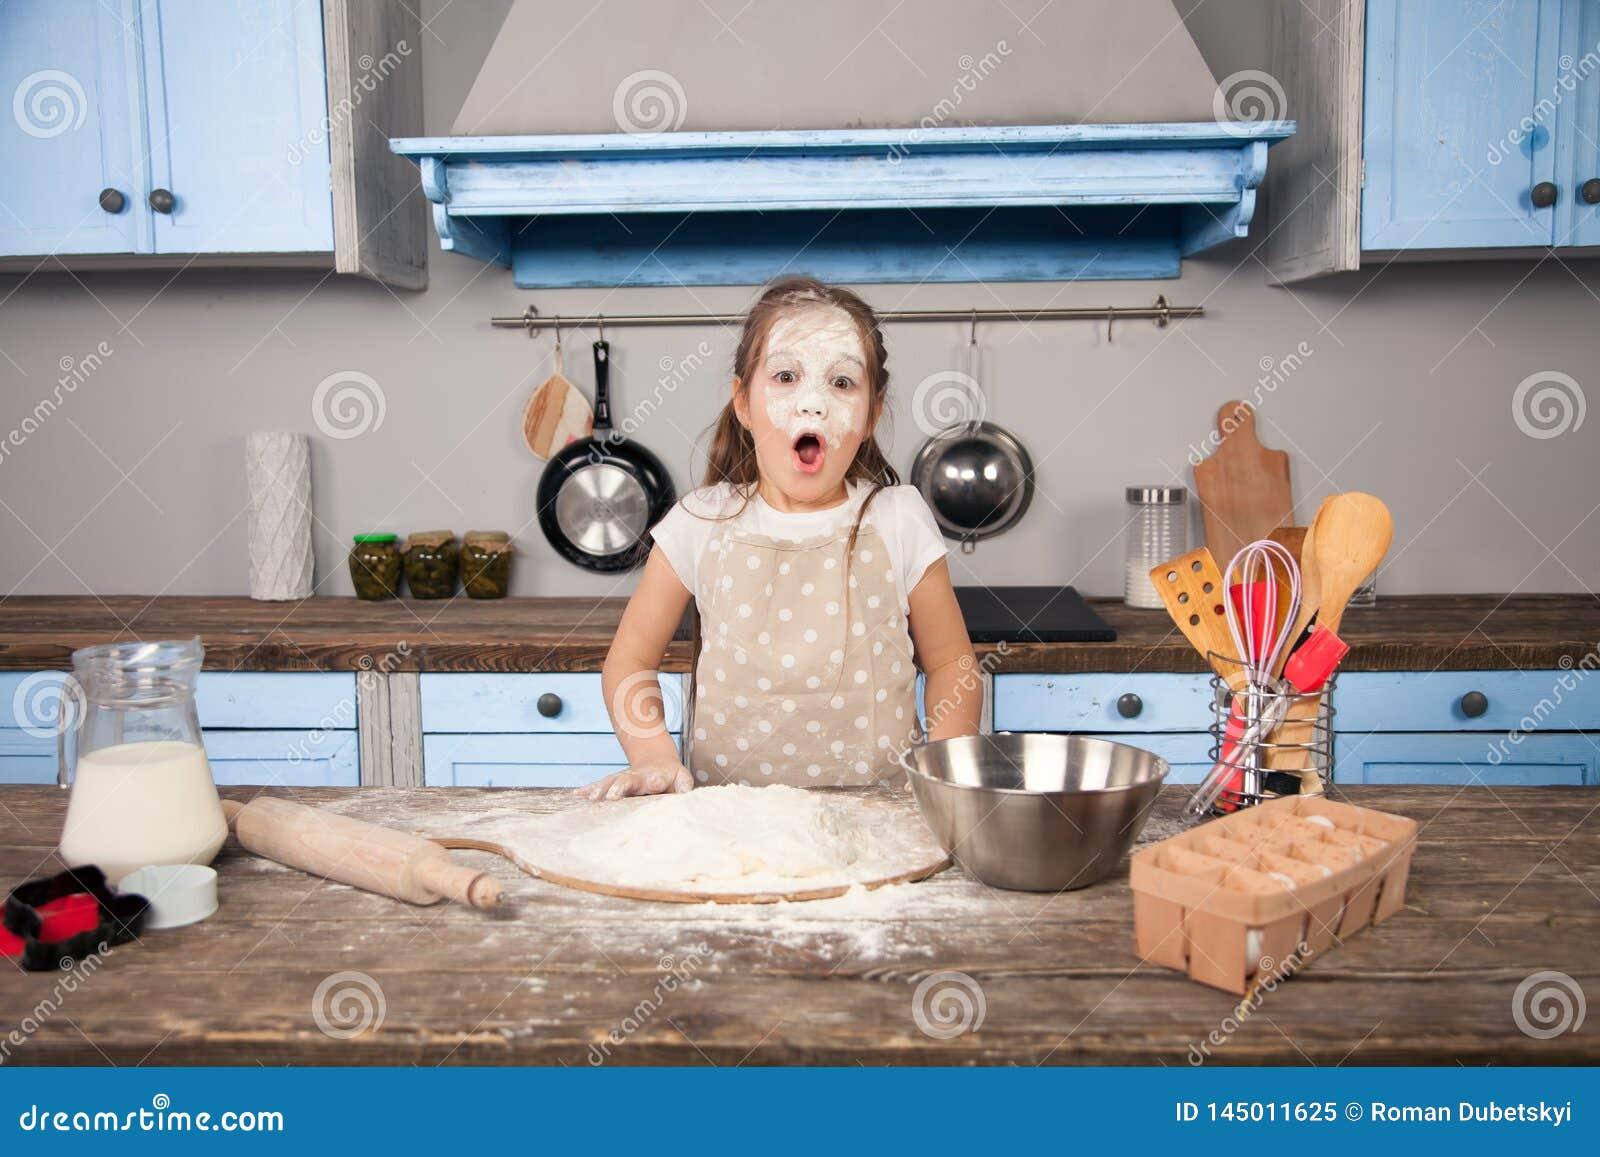 Weinig meisje van de kinddochter helpt haar moeder in de keuken om bakkerij, koekjes te maken Zij heeft overal een vloed haar